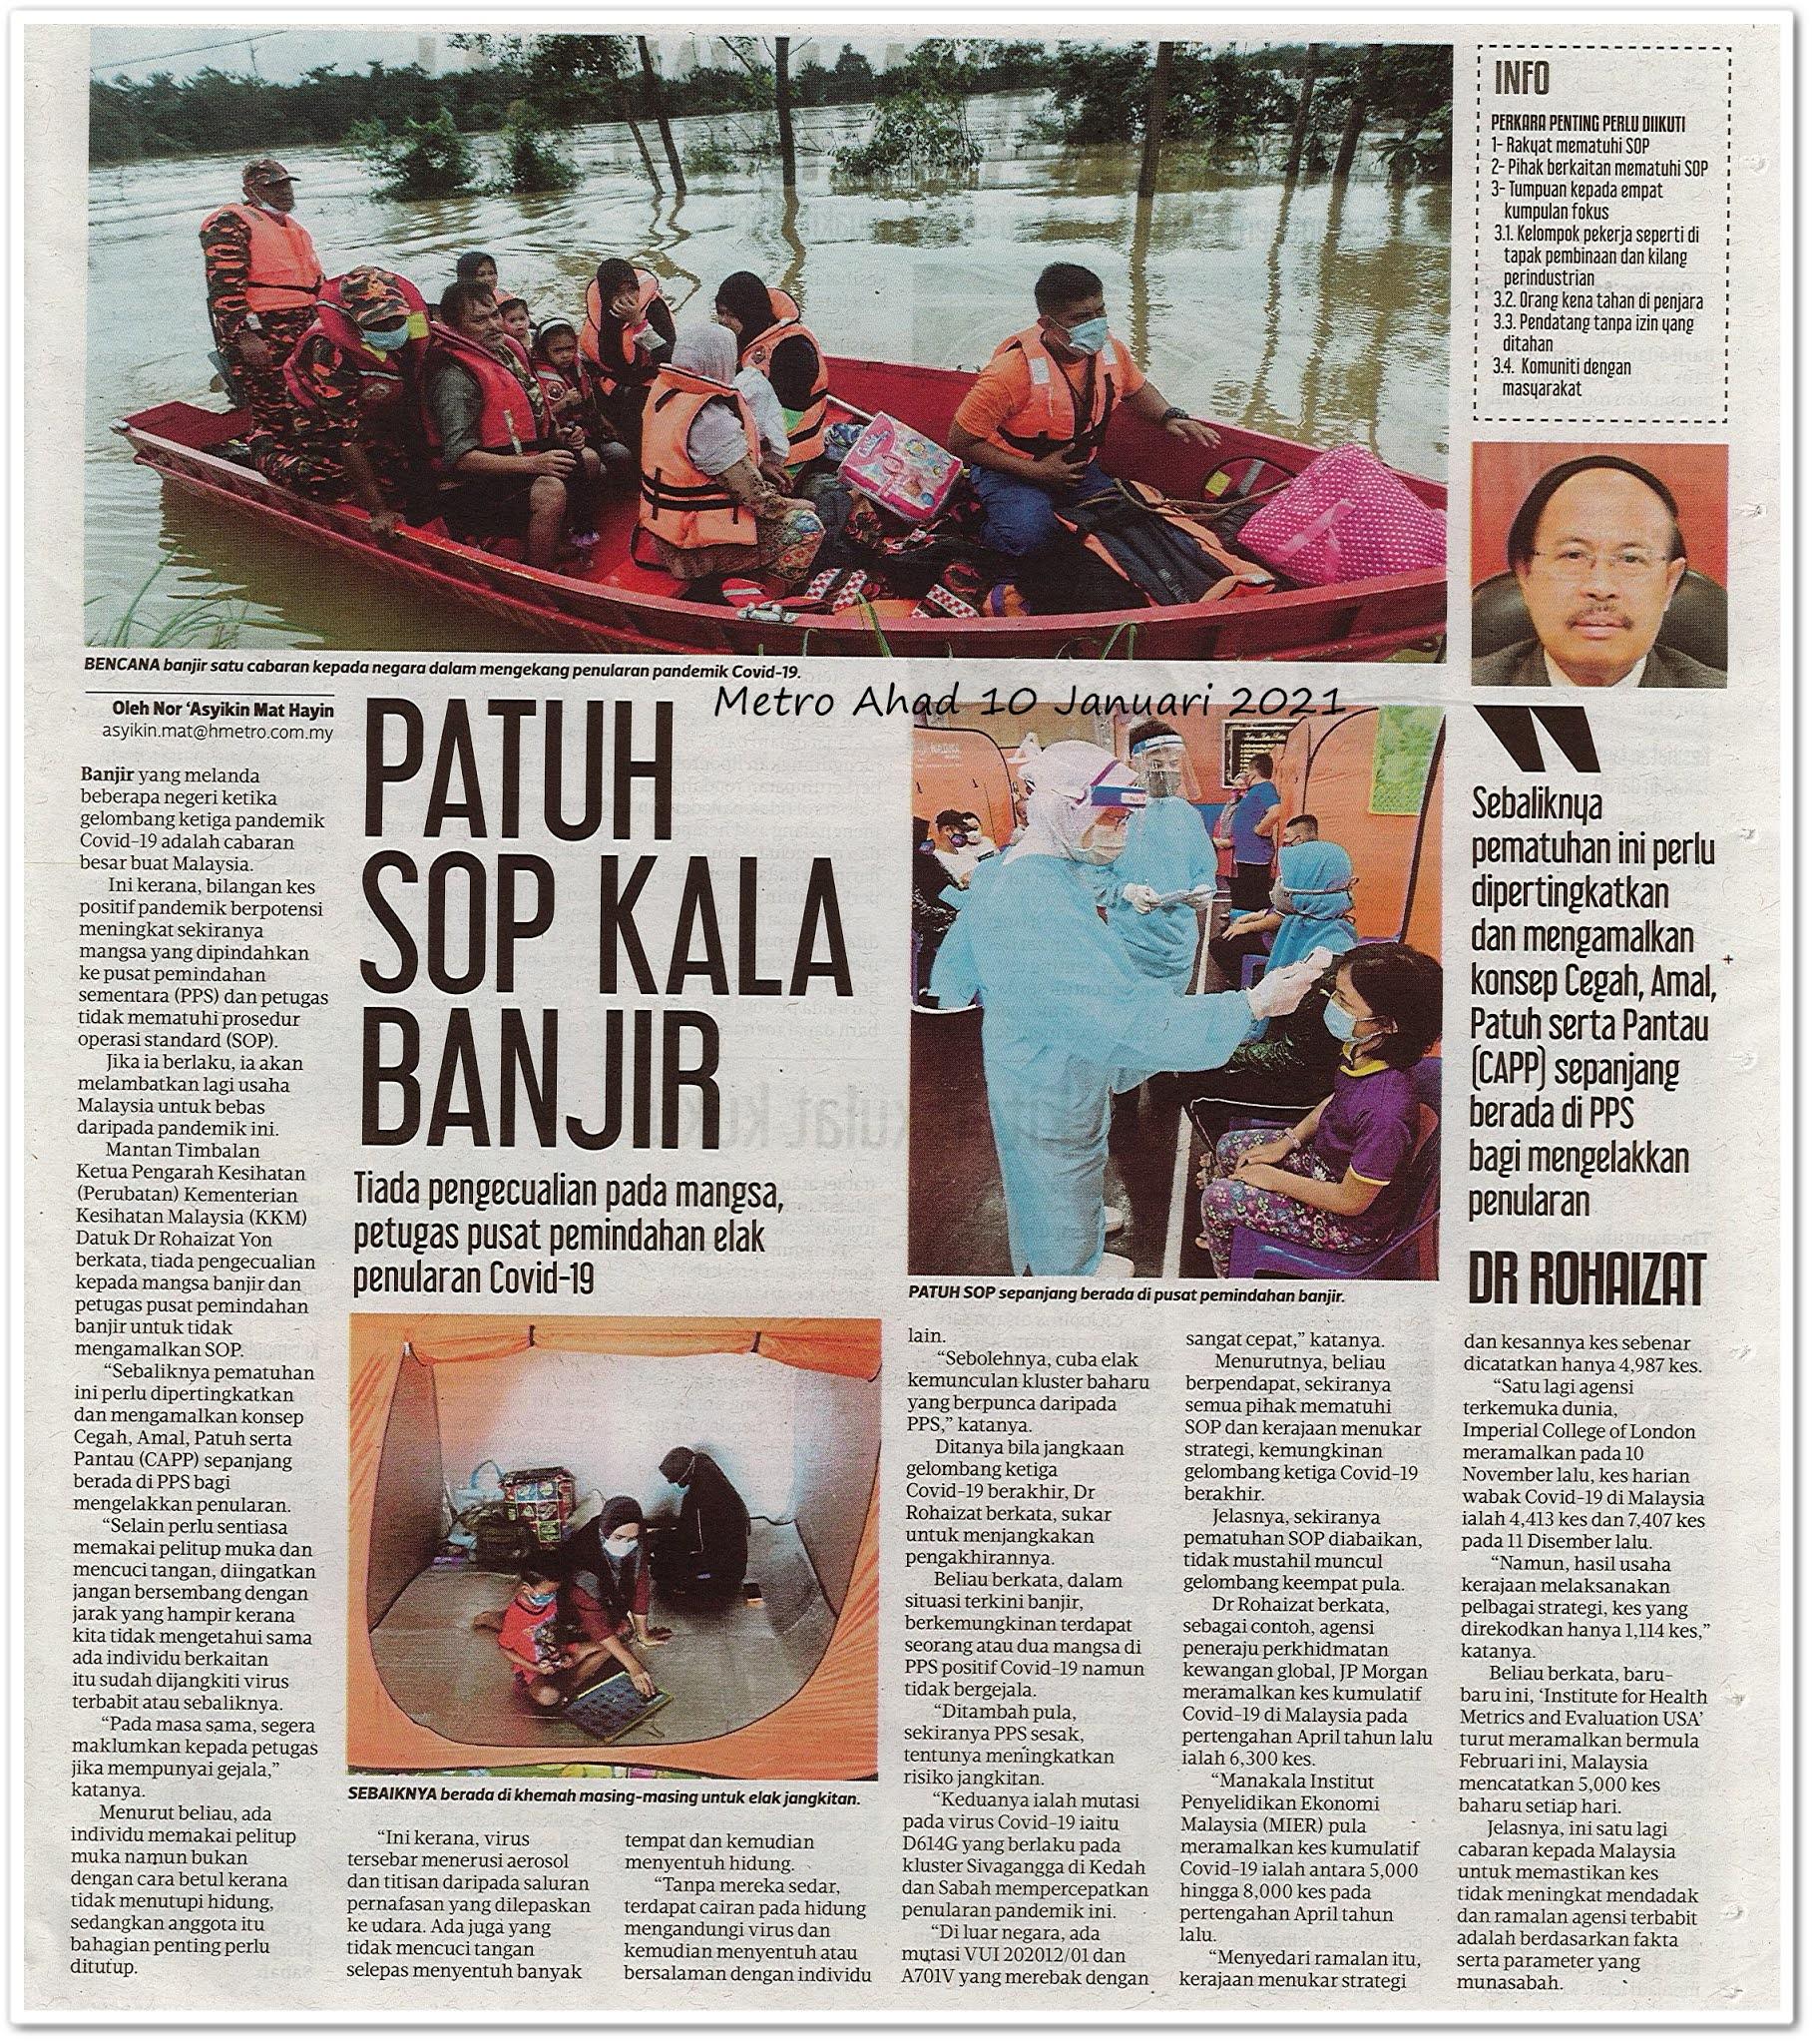 Patuh SOP kala banjir - Keratan akhbar Metro Ahad 10 Januari 2021